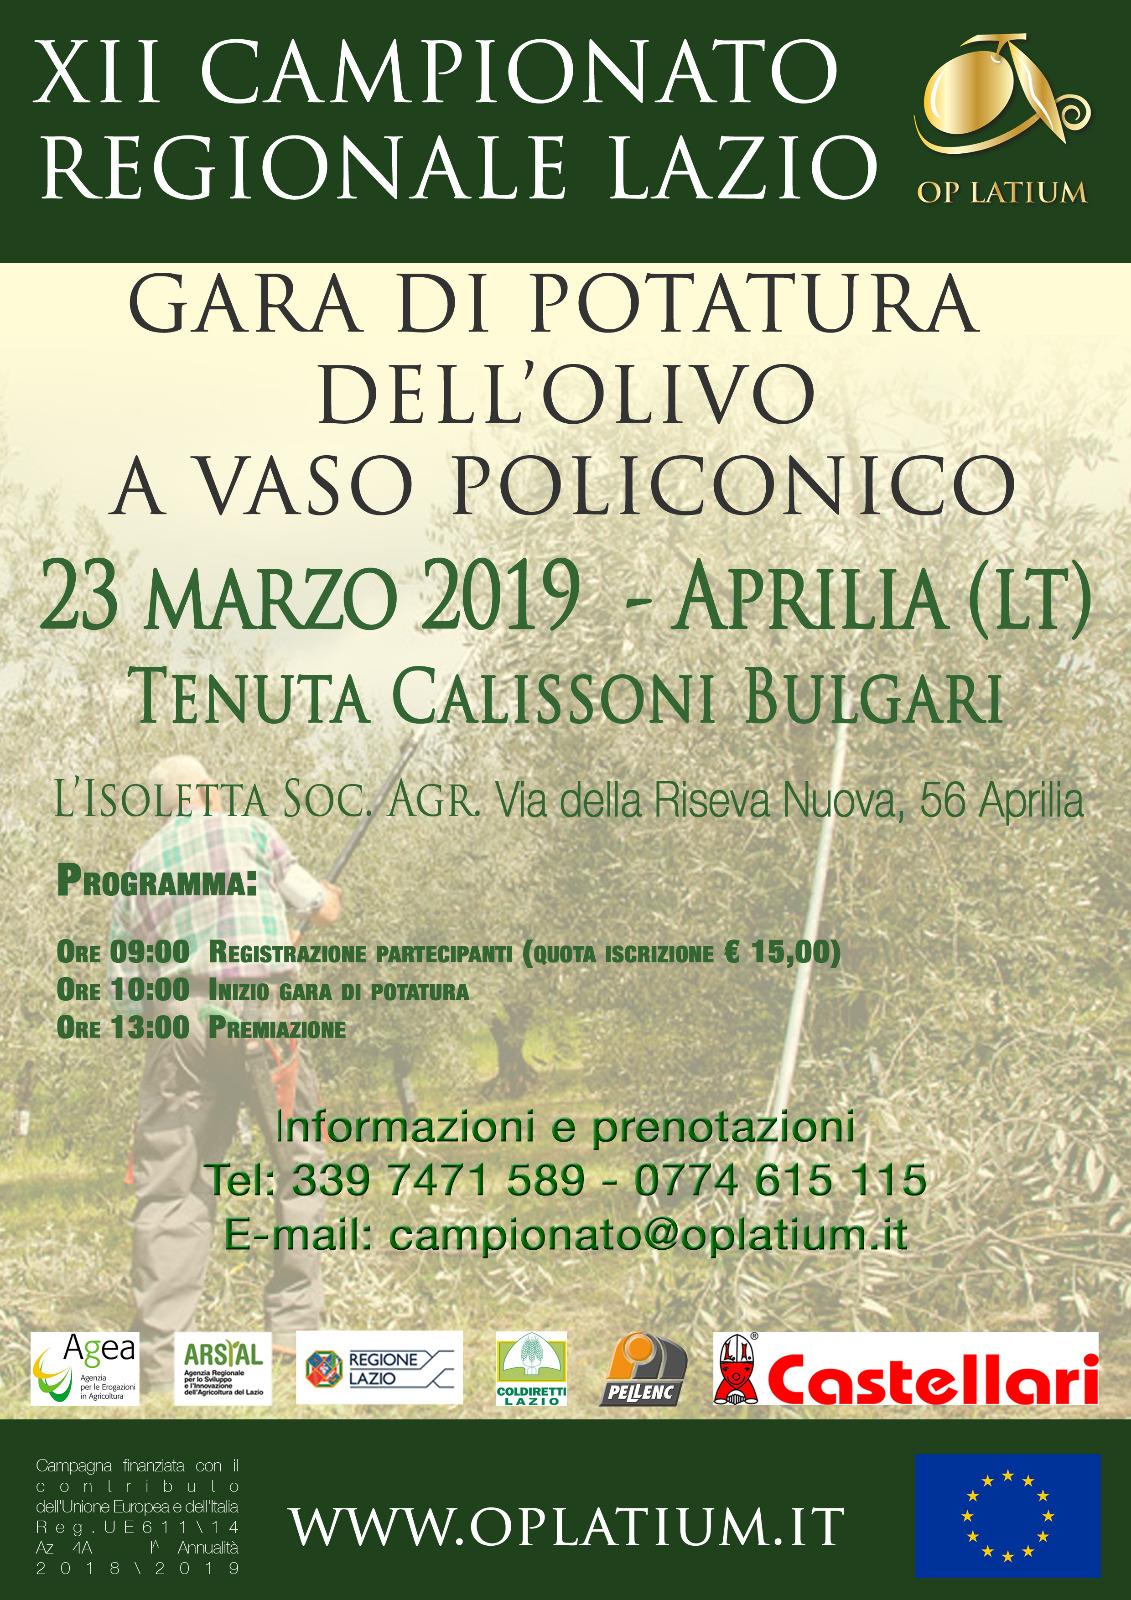 XII Edizione del Campionato Regionale Lazio Gara di Potatura a Vaso Policonico 23 Marzo 2019 Aprilia (LT)